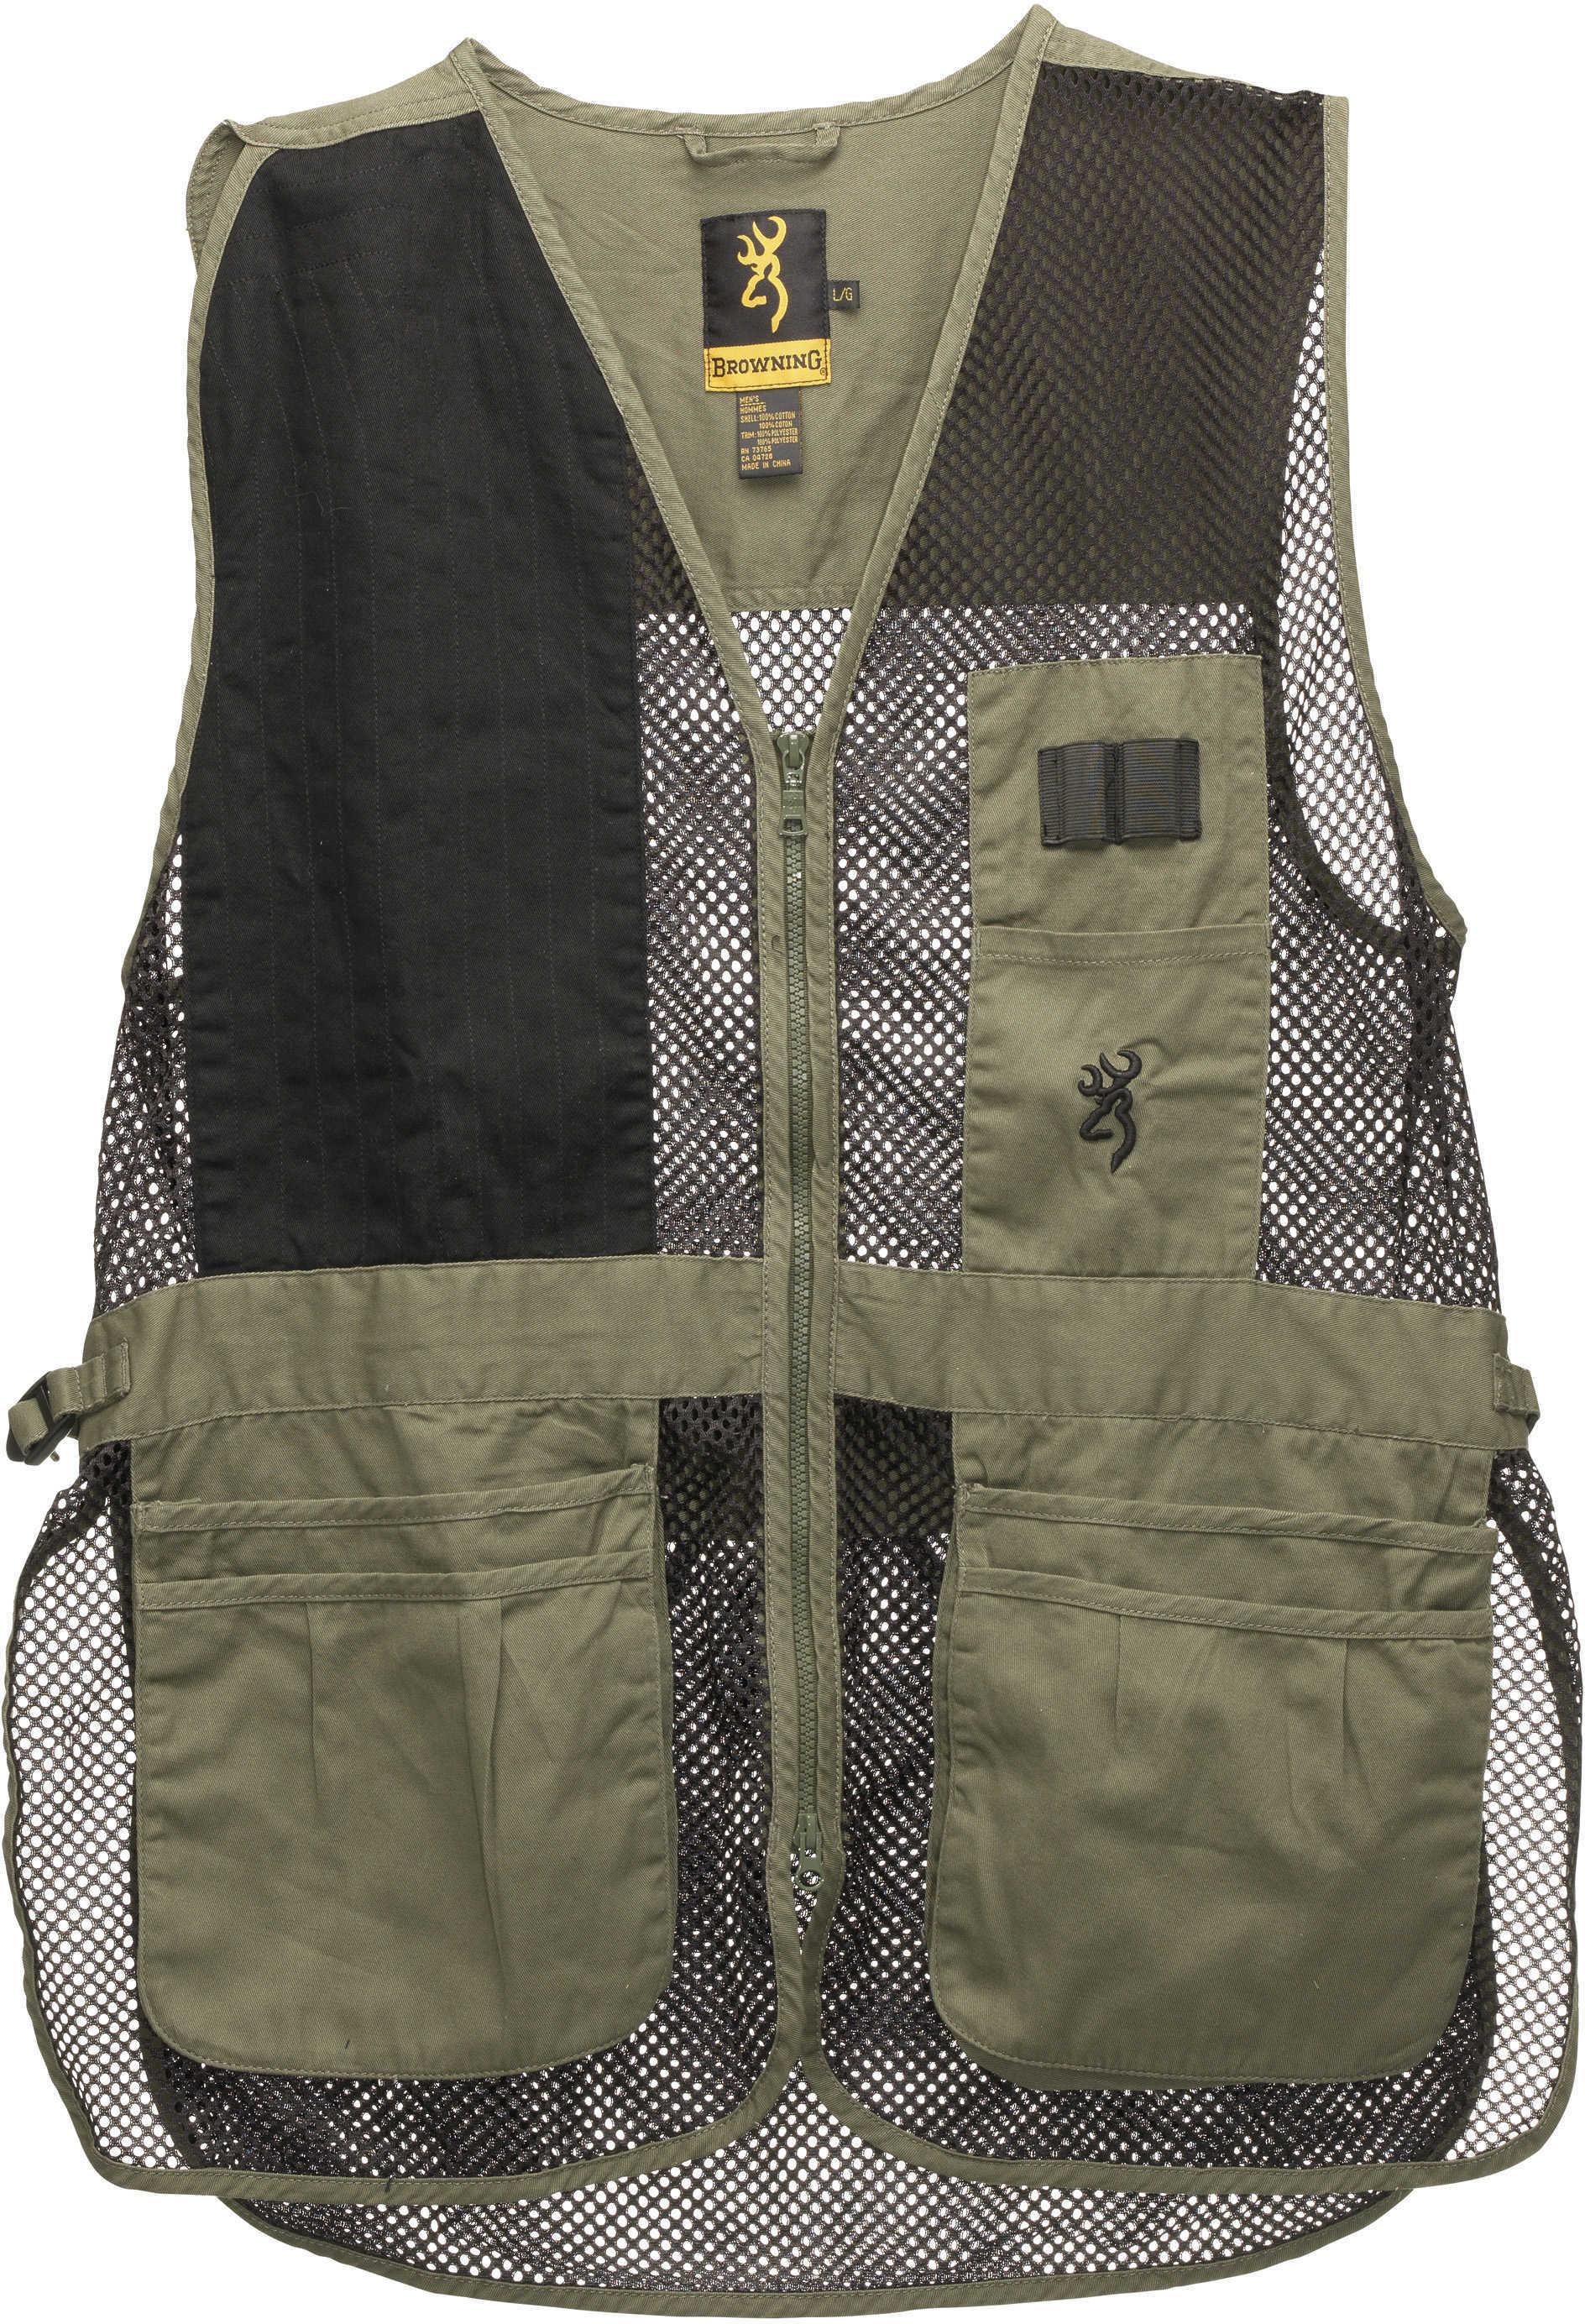 Browning Trapper Creek Vest Sage/Black Medium Md: 3050265402